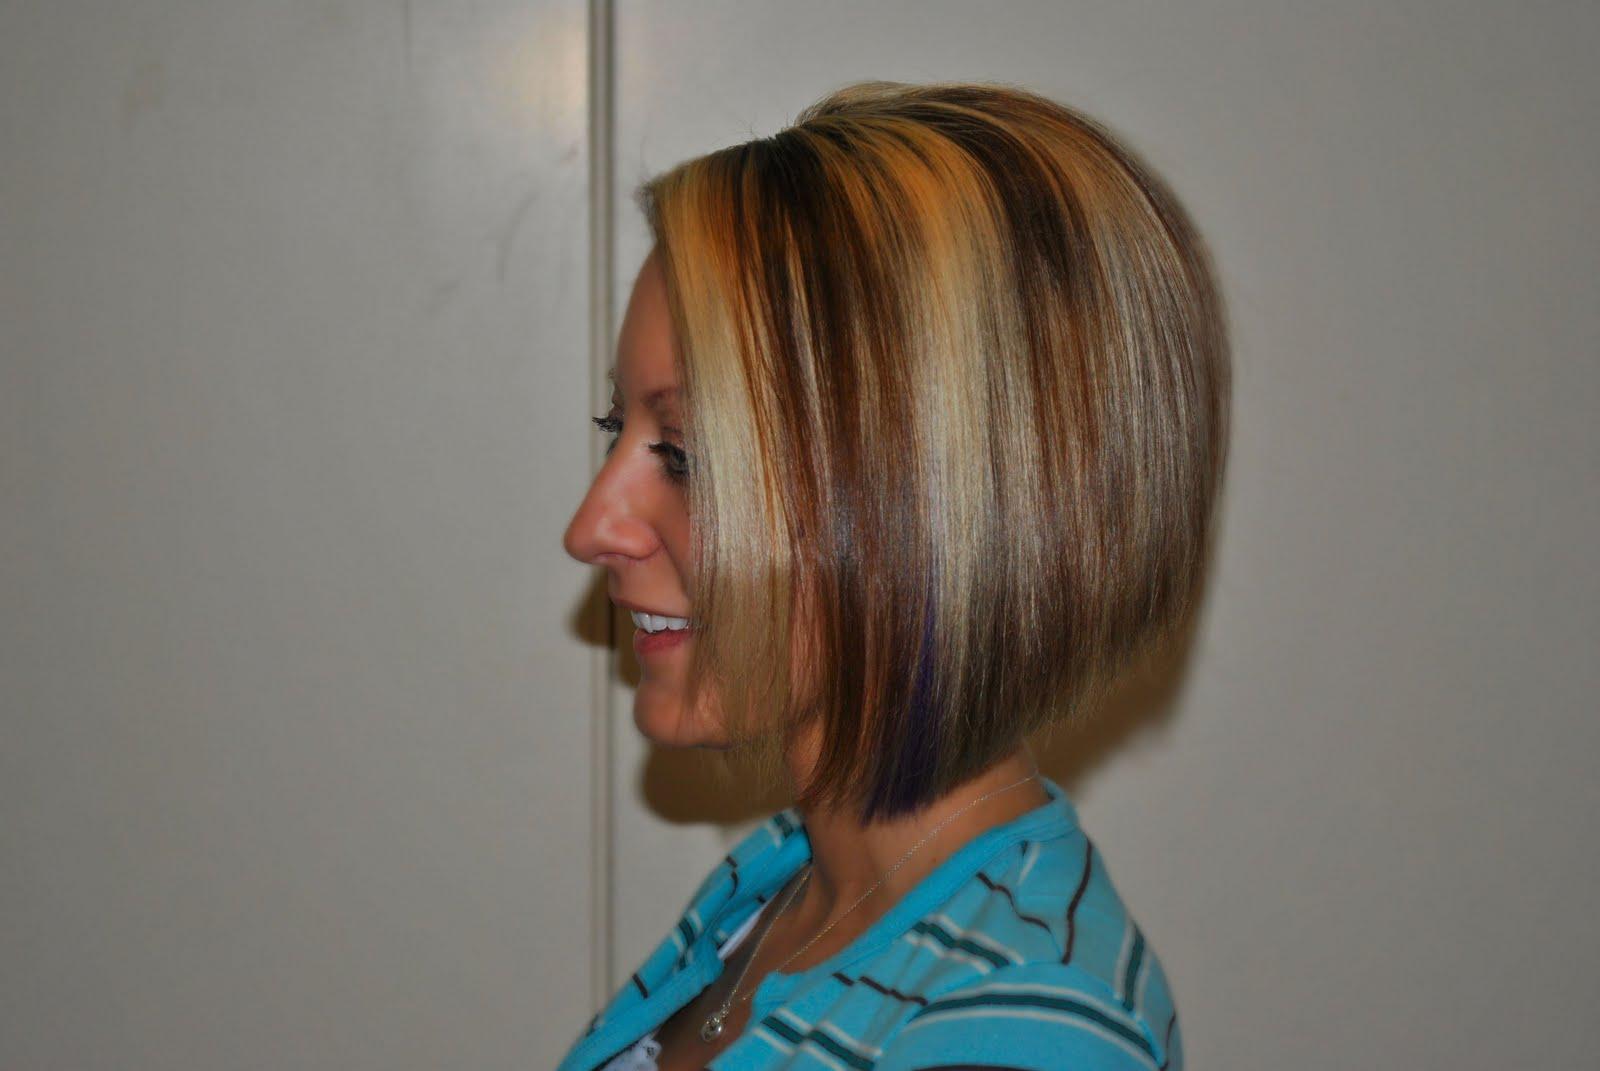 Aline Hair Styles: A Buhr Blog: Official Haircut